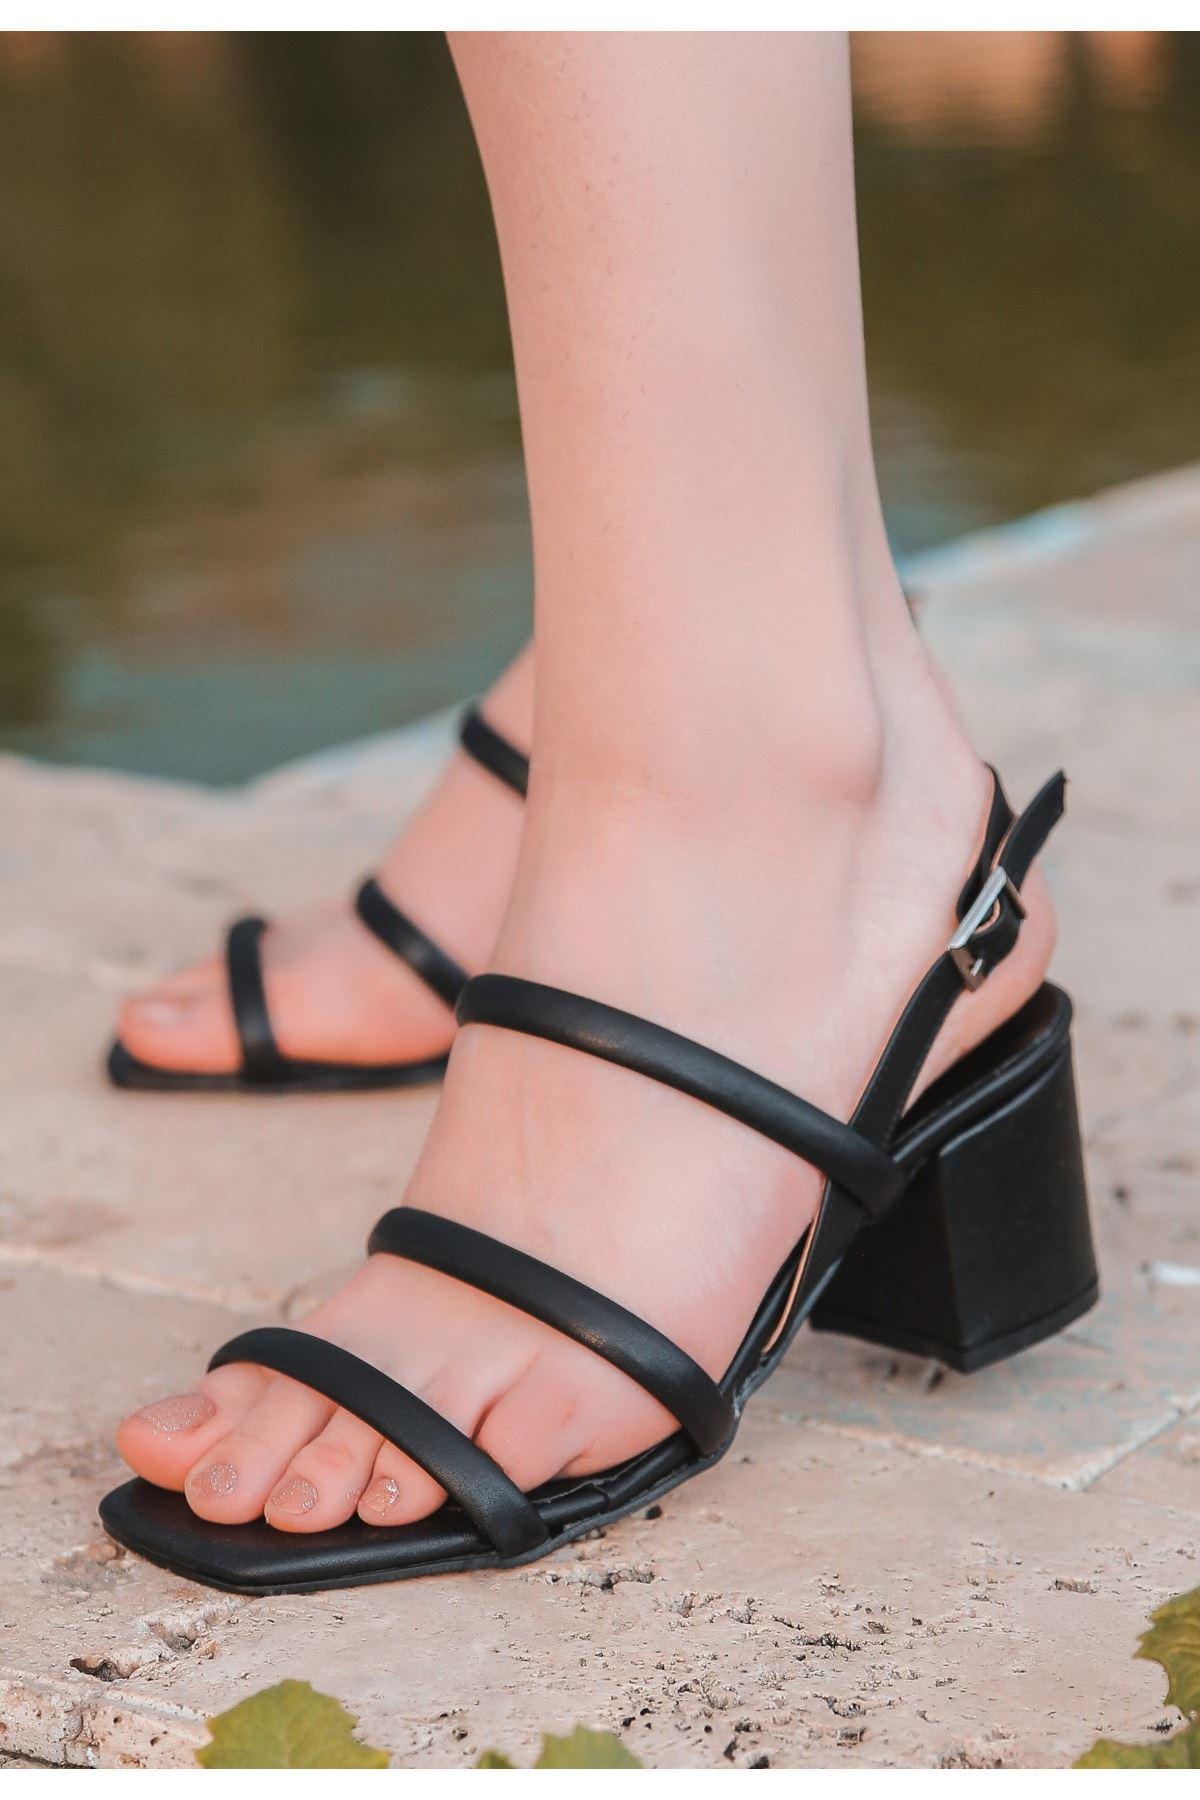 Yate Siyah Cilt Topuklu Ayakkabı